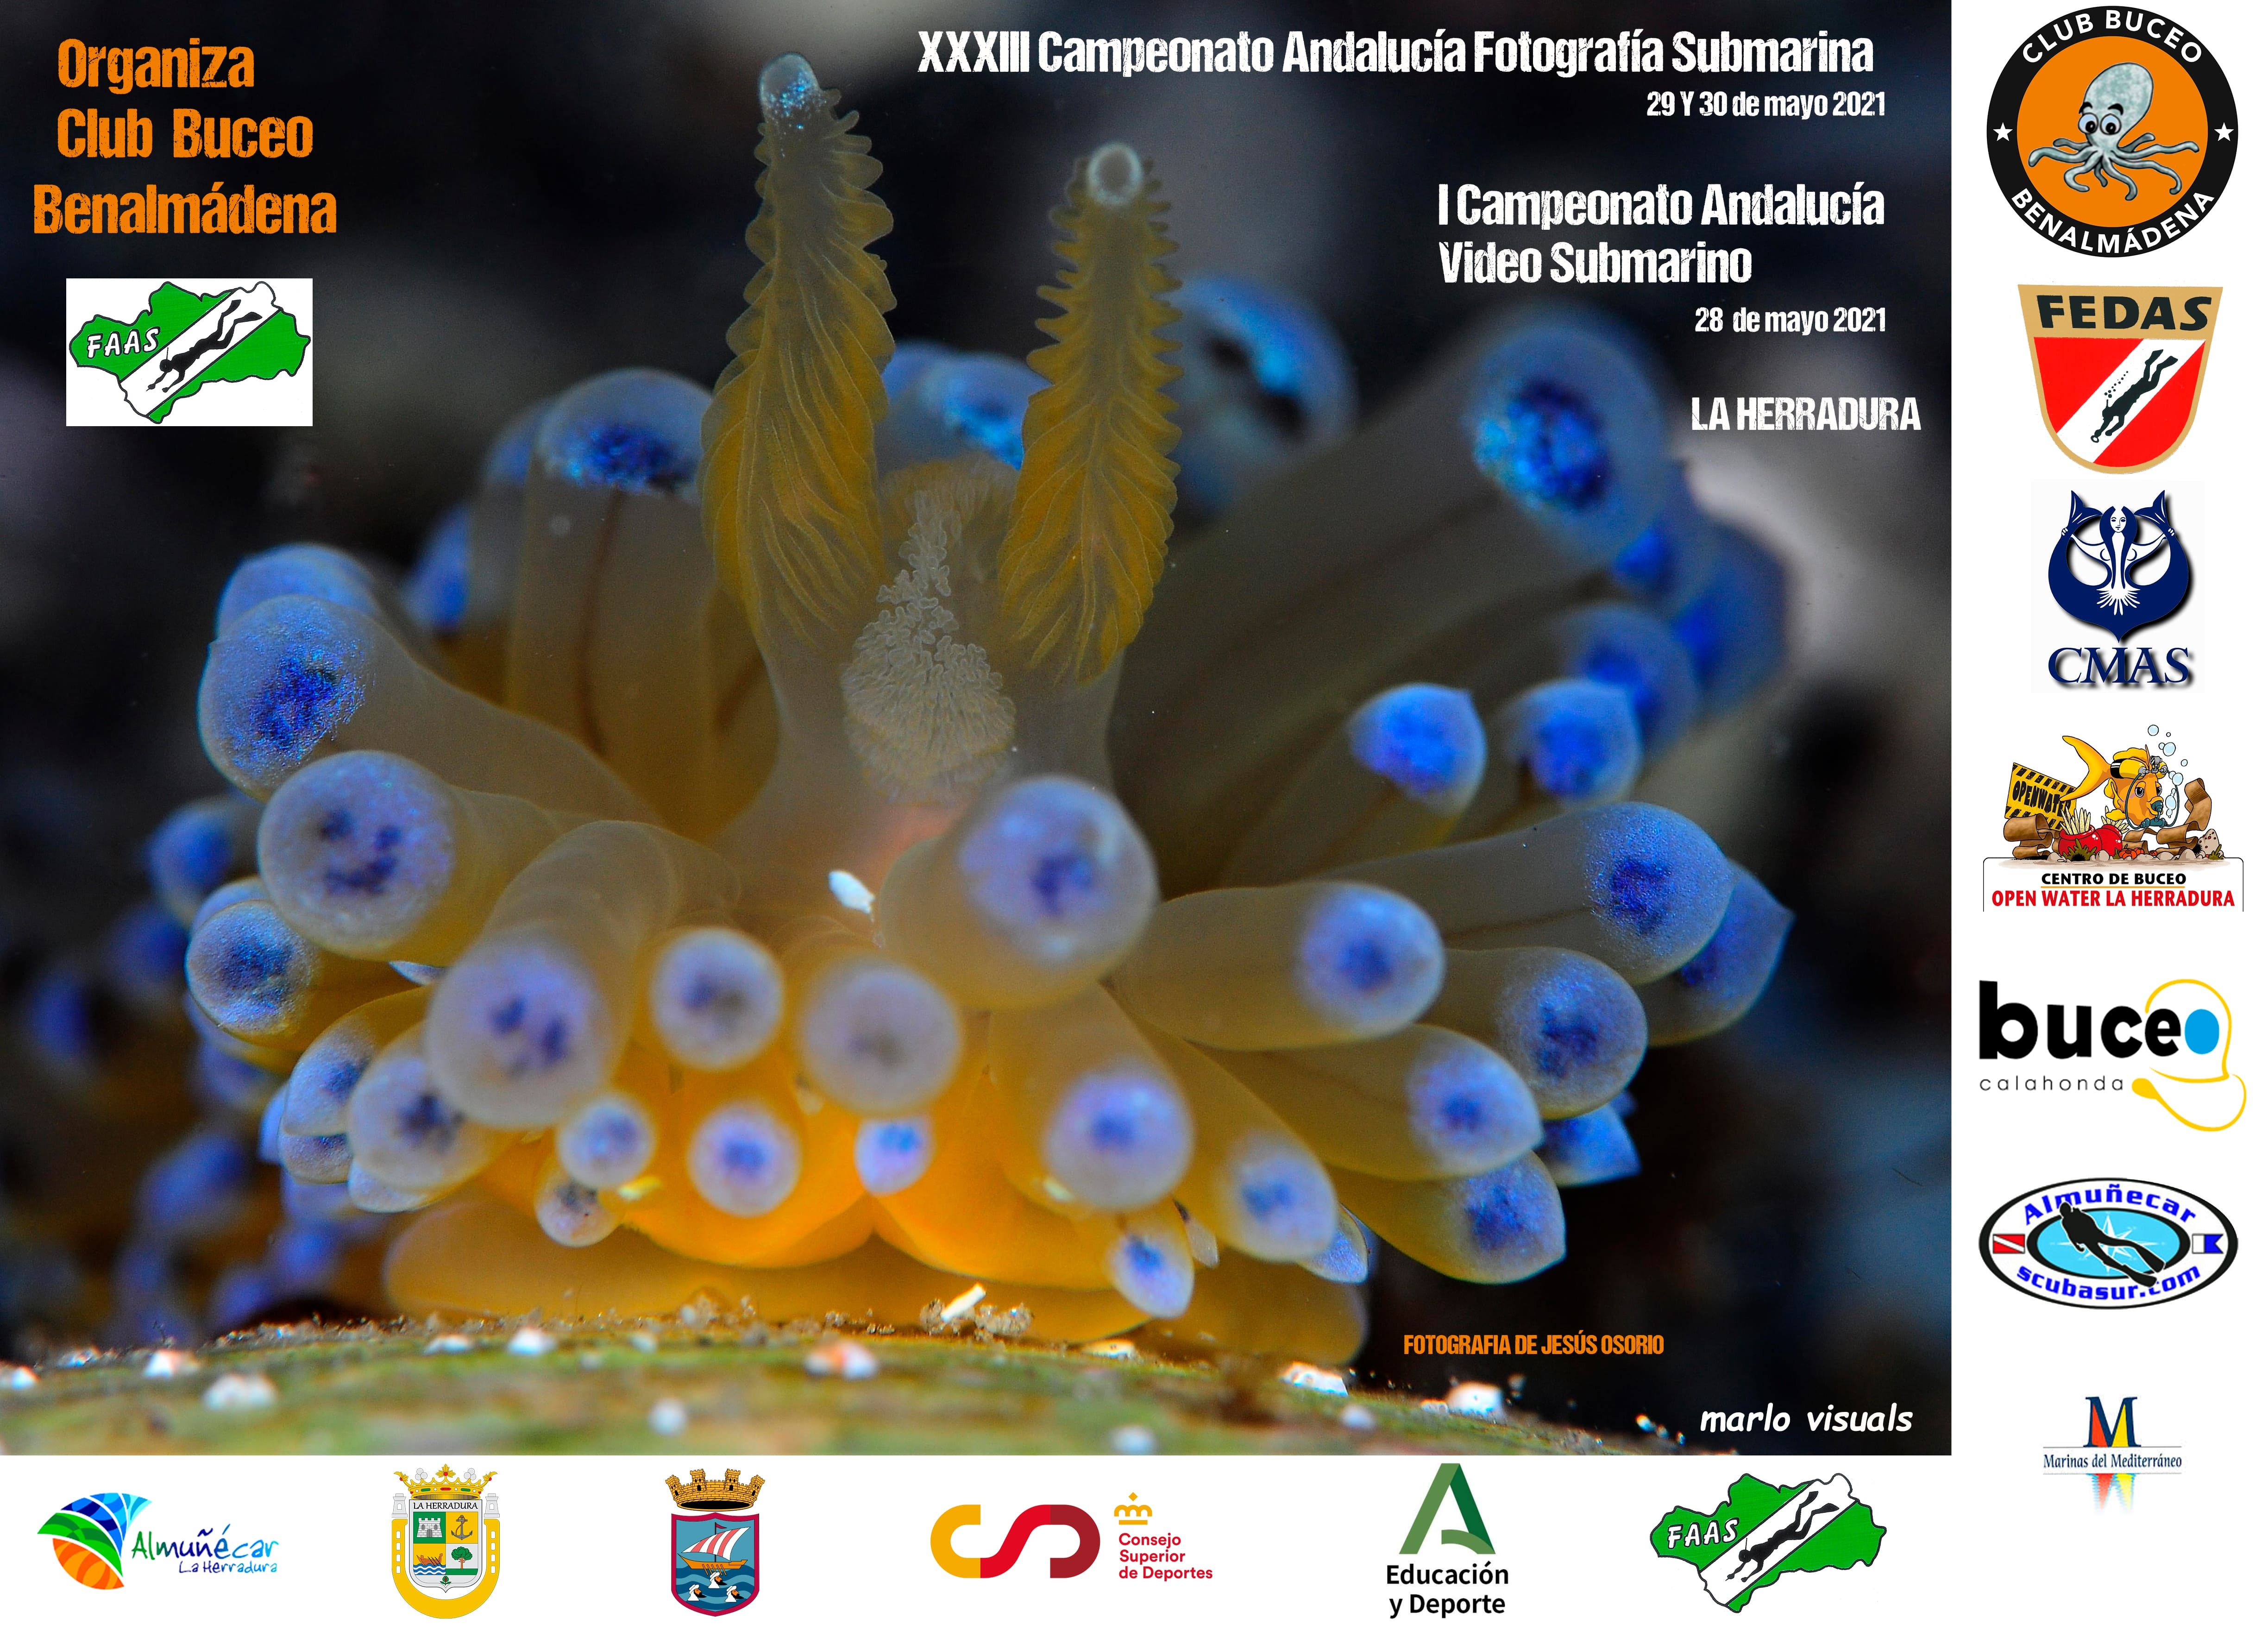 XXXIII Campeonato de Andalucía de Fotografía Submarina 2021 y I Campeonato de Vídeo Submarino 2021.